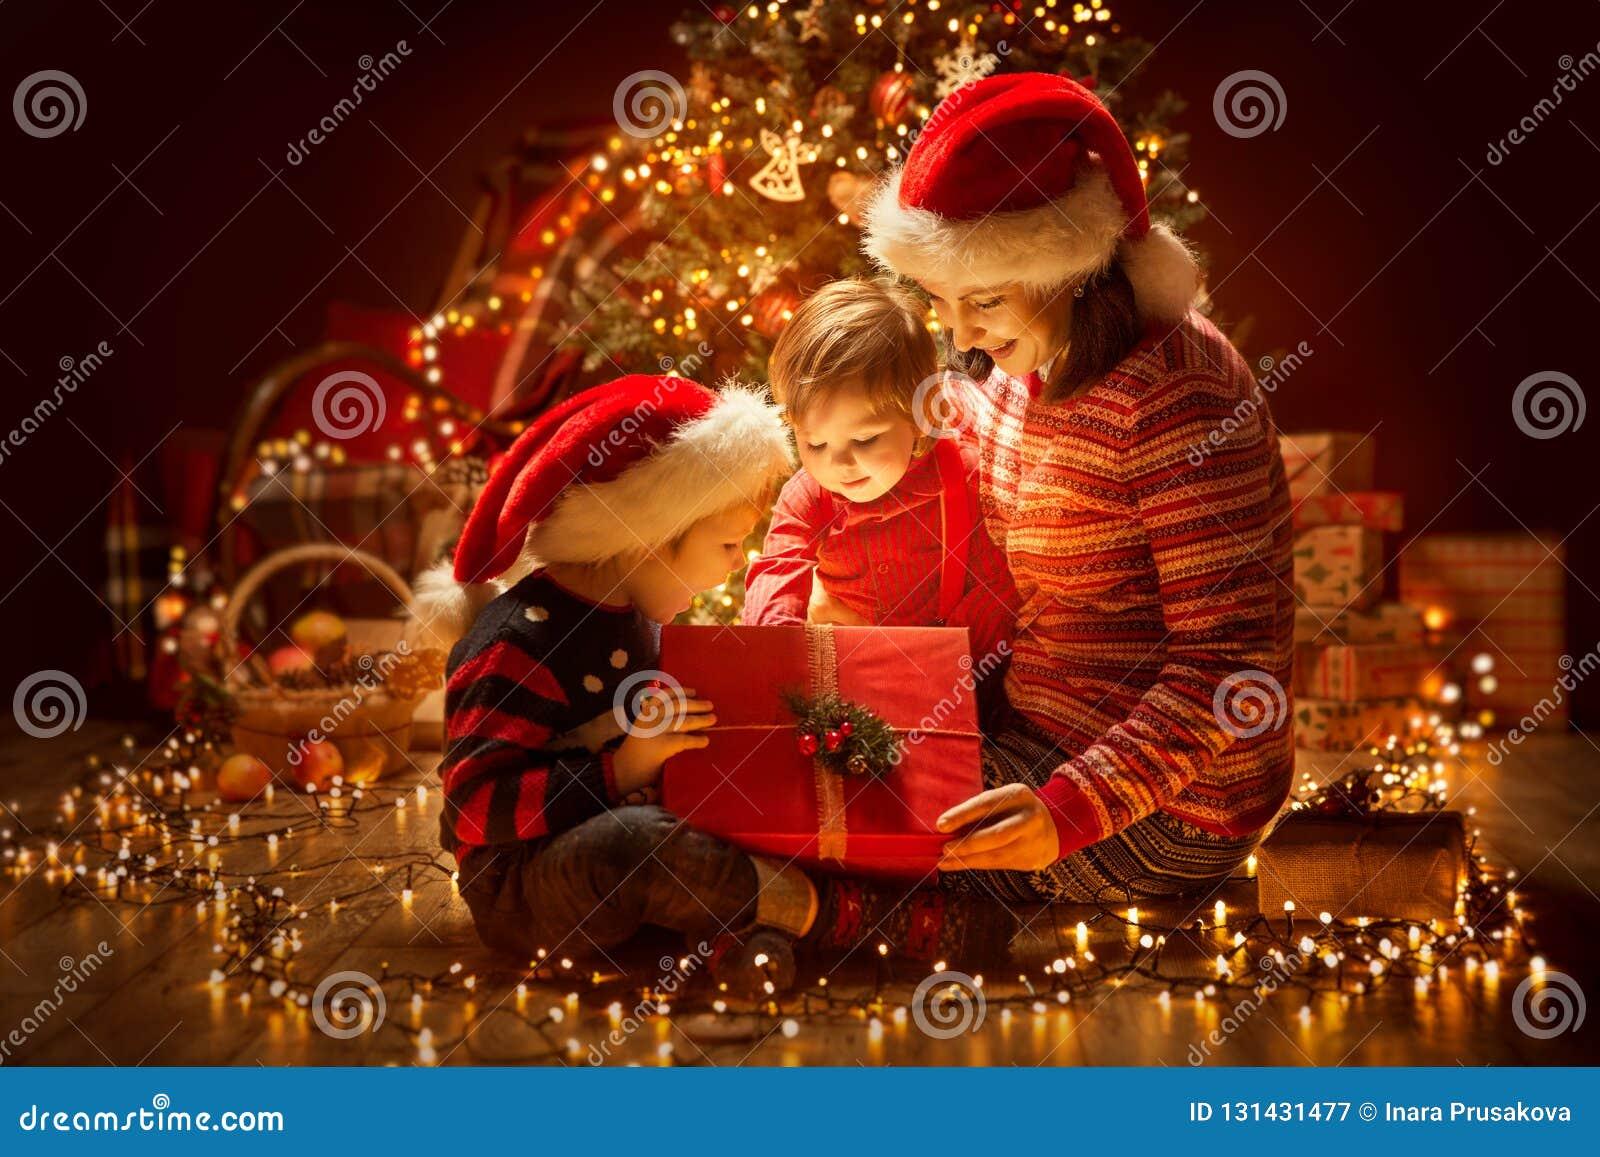 Παρόν κιβώτιο δώρων φωτισμού οικογενειακού ανοίγματος Χριστουγέννων κάτω από το χριστουγεννιάτικο δέντρο, την ευτυχή μητέρα και τ